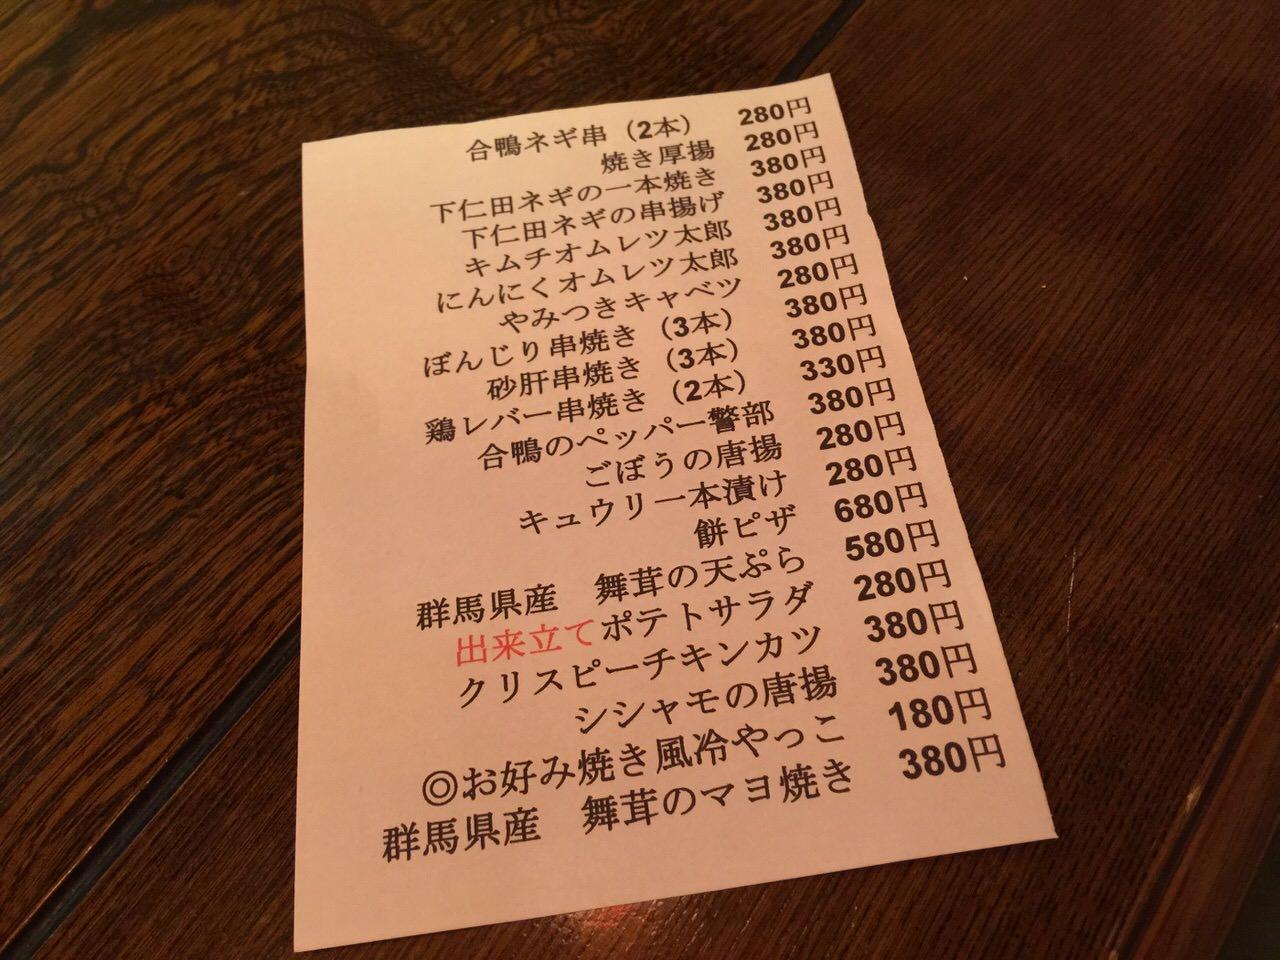 Tsurukichi 659